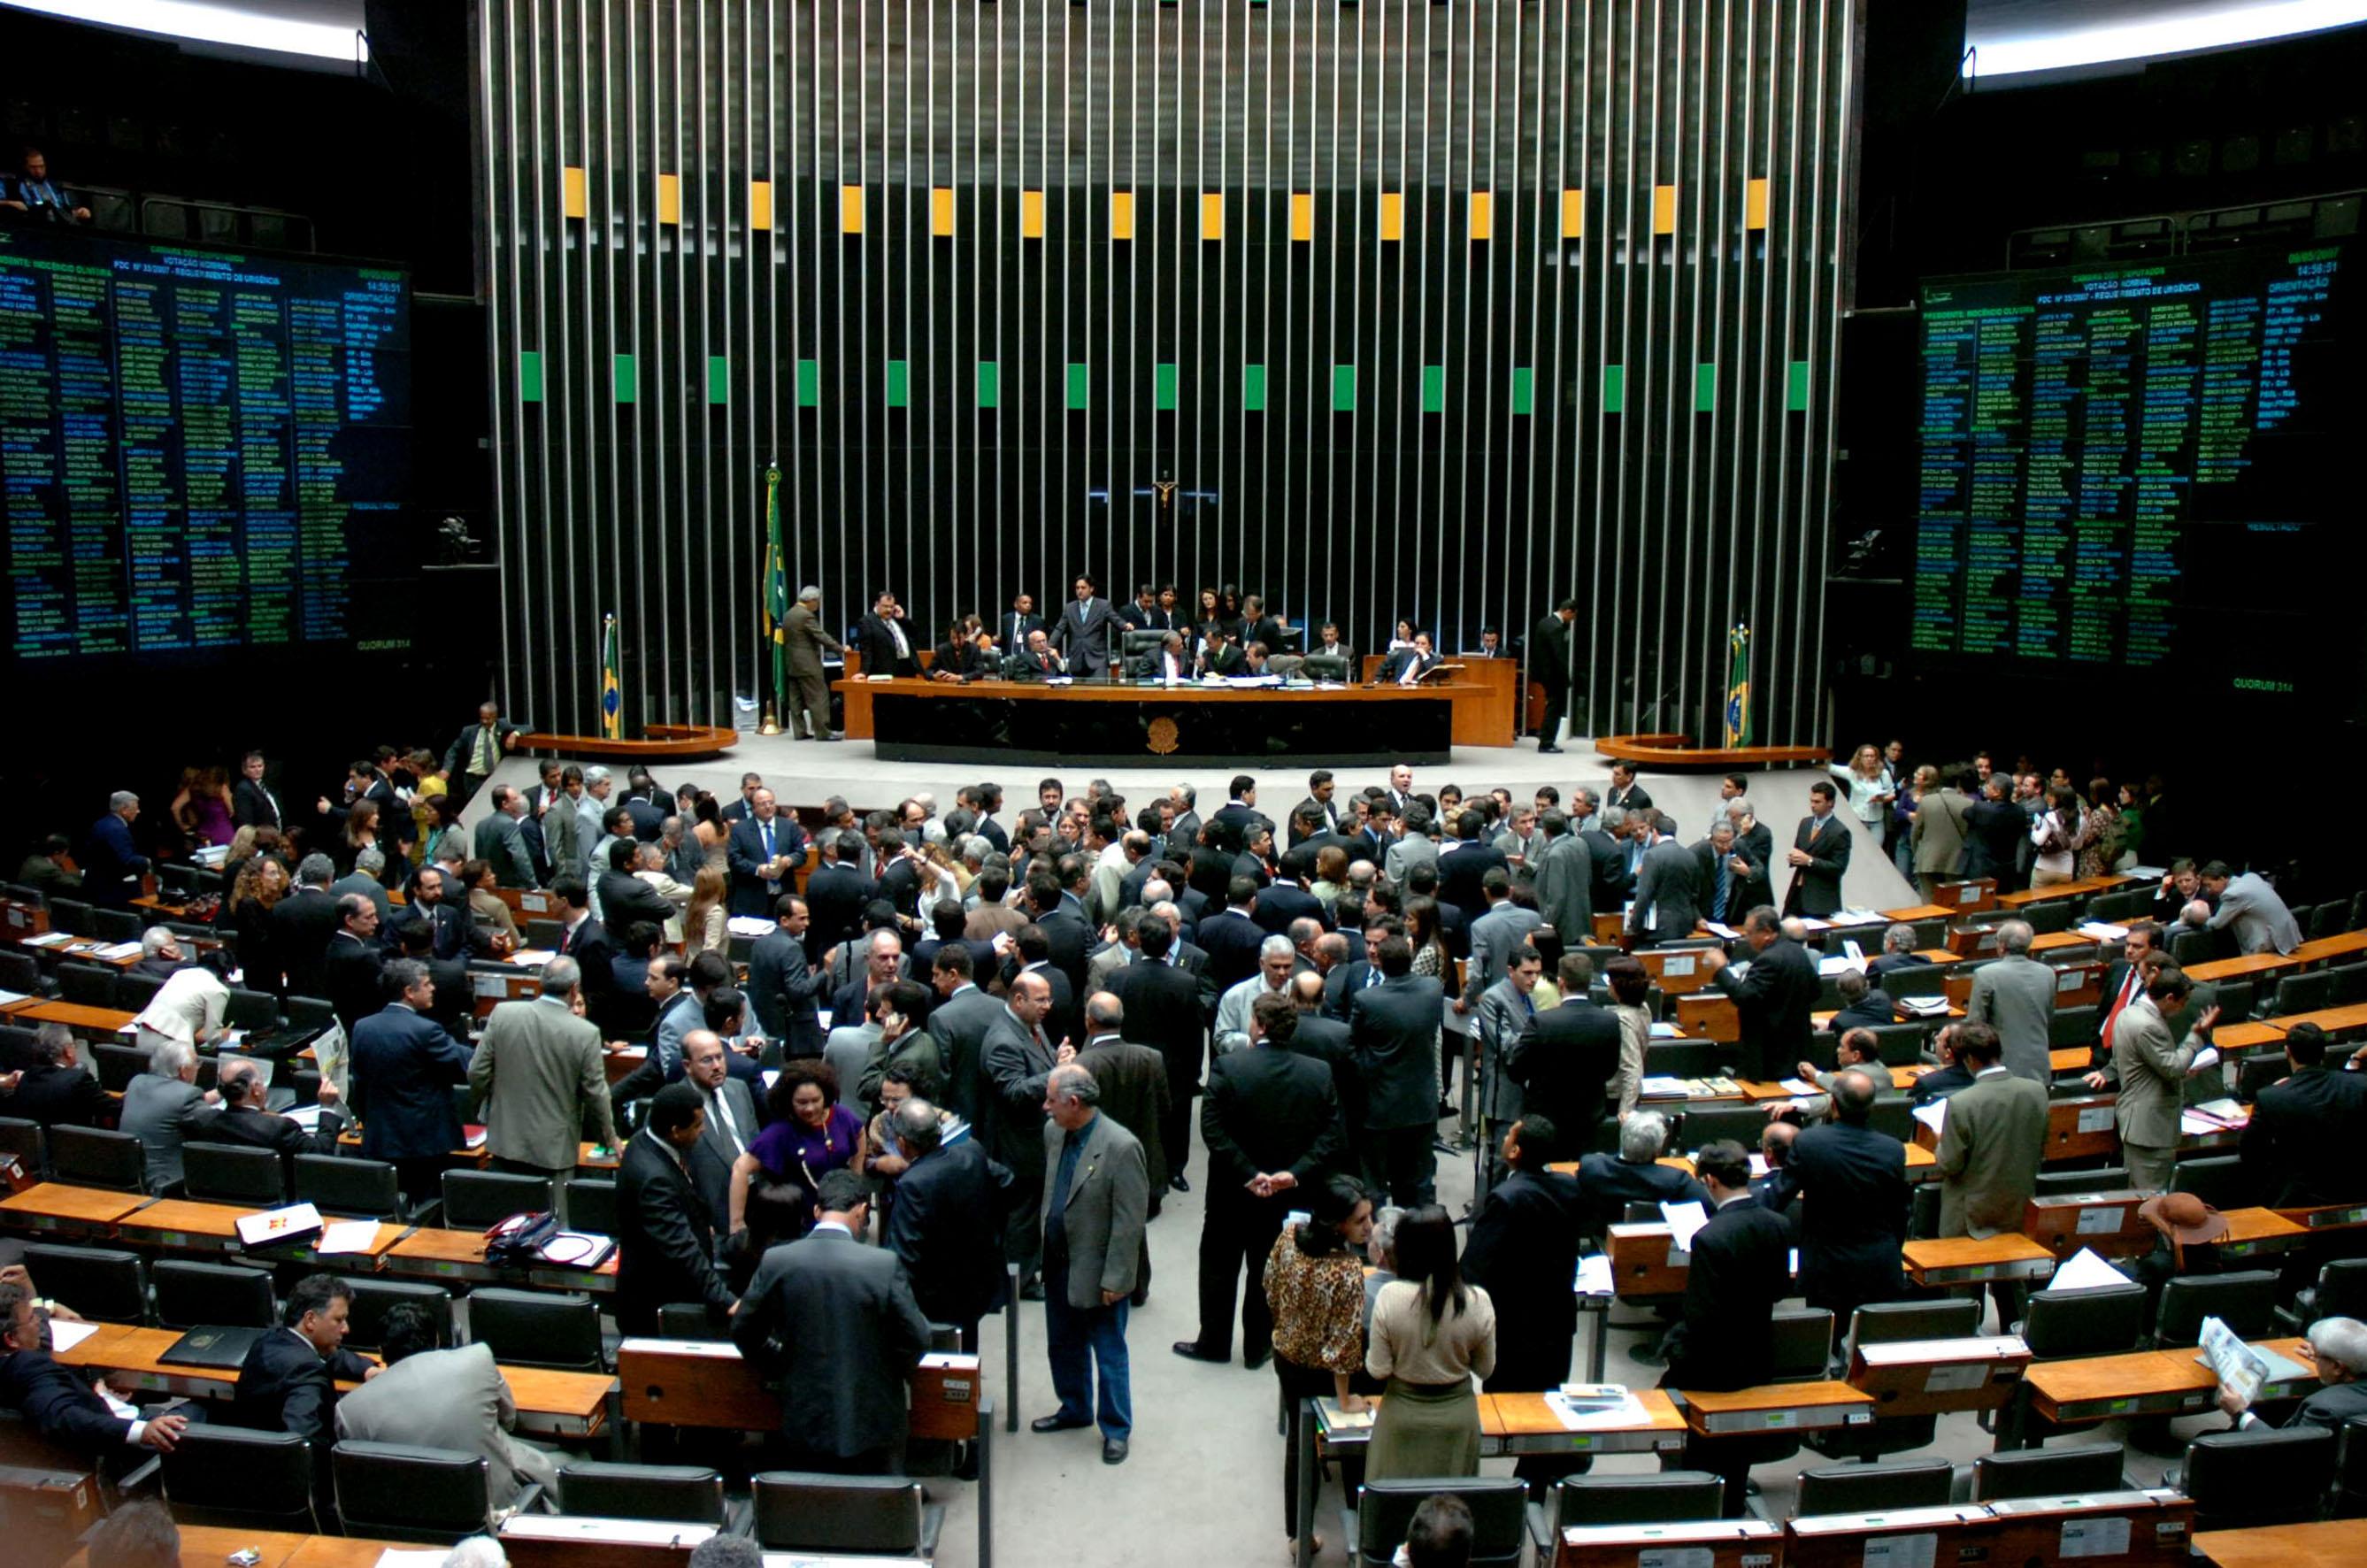 Redução da Maioridade Penal é o principal tema na Câmara dos Deputados esta semana